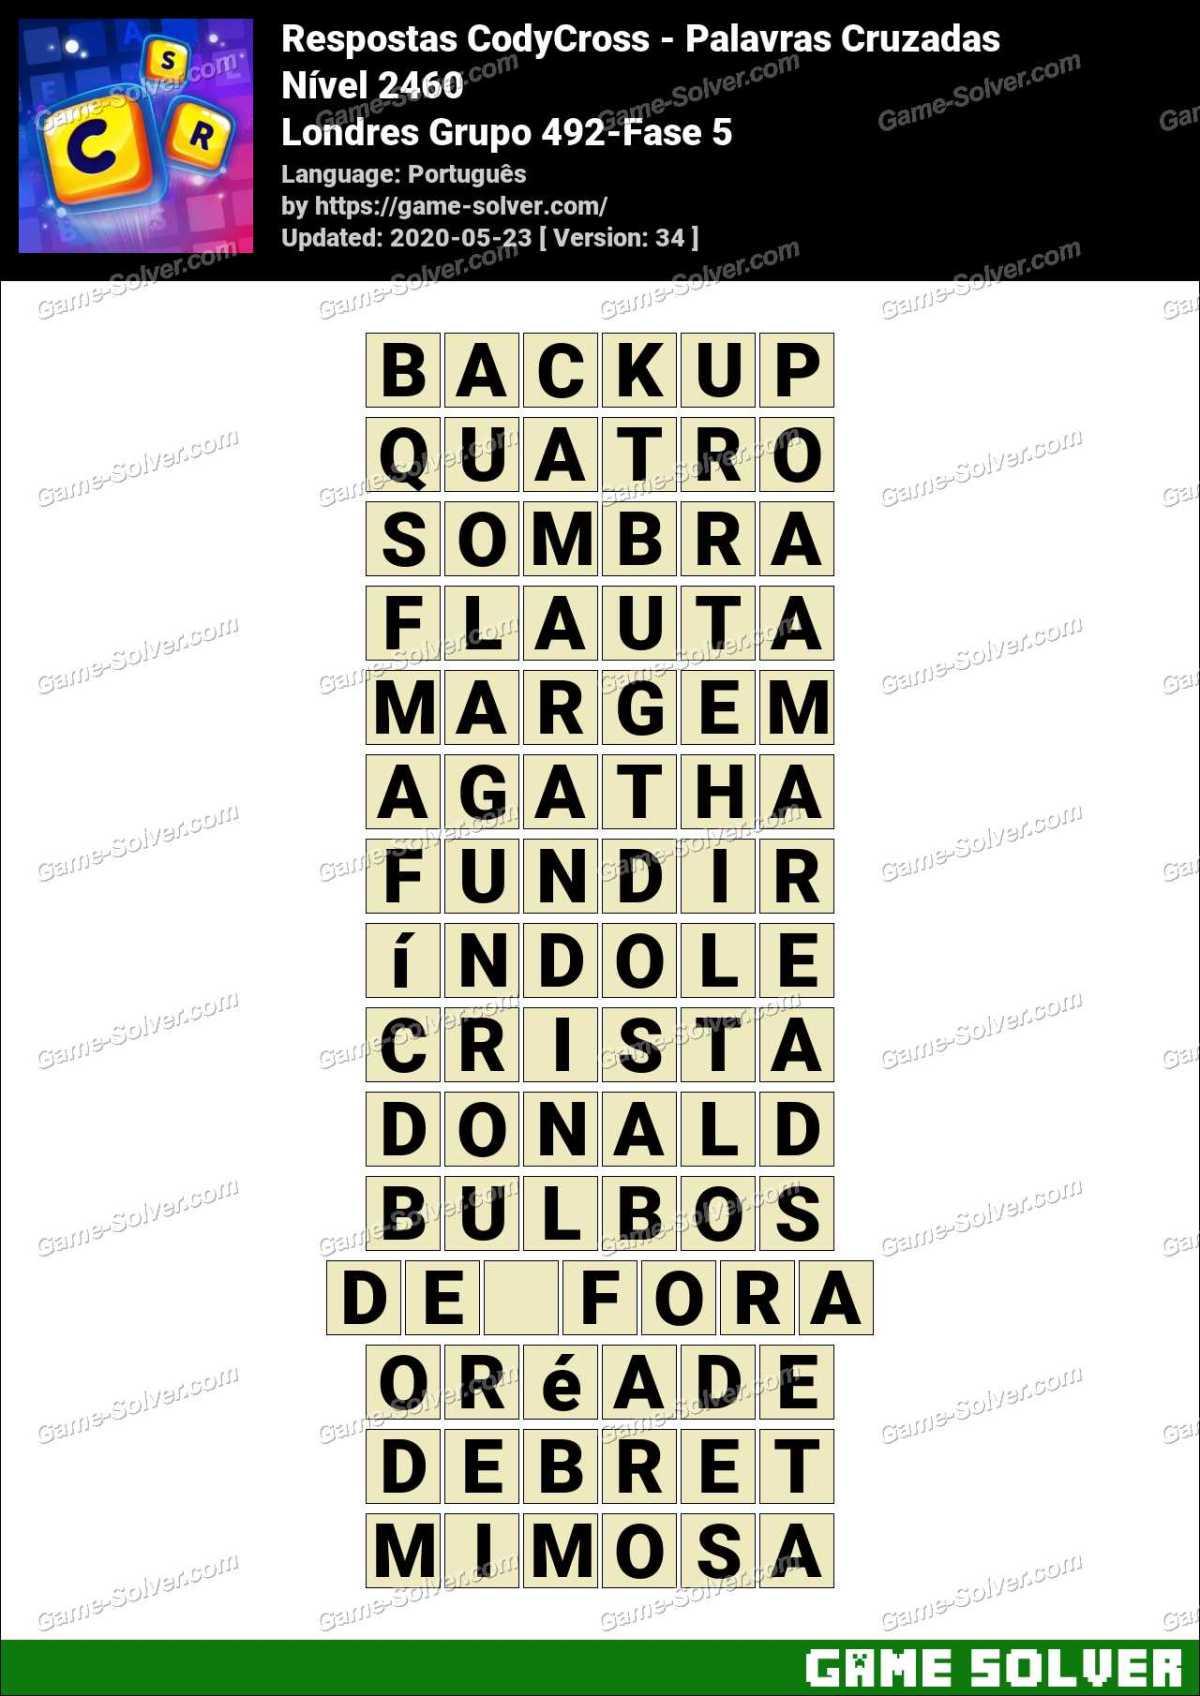 Respostas CodyCross Londres Grupo 492-Fase 5